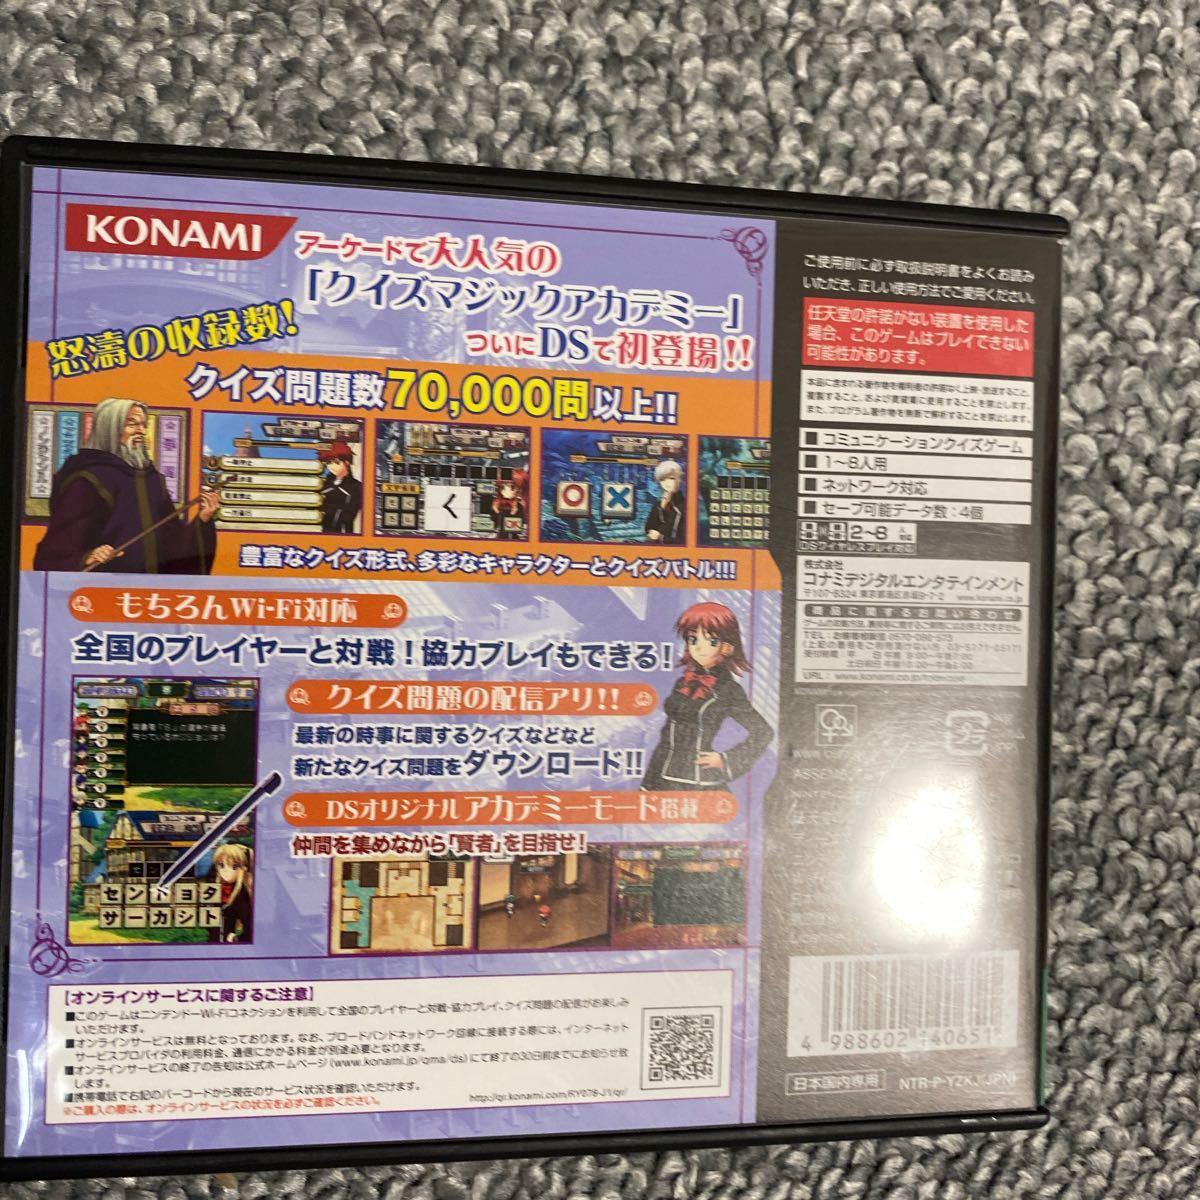 Nintendo DS用ソフト「クイズマジックアカデミーDS」